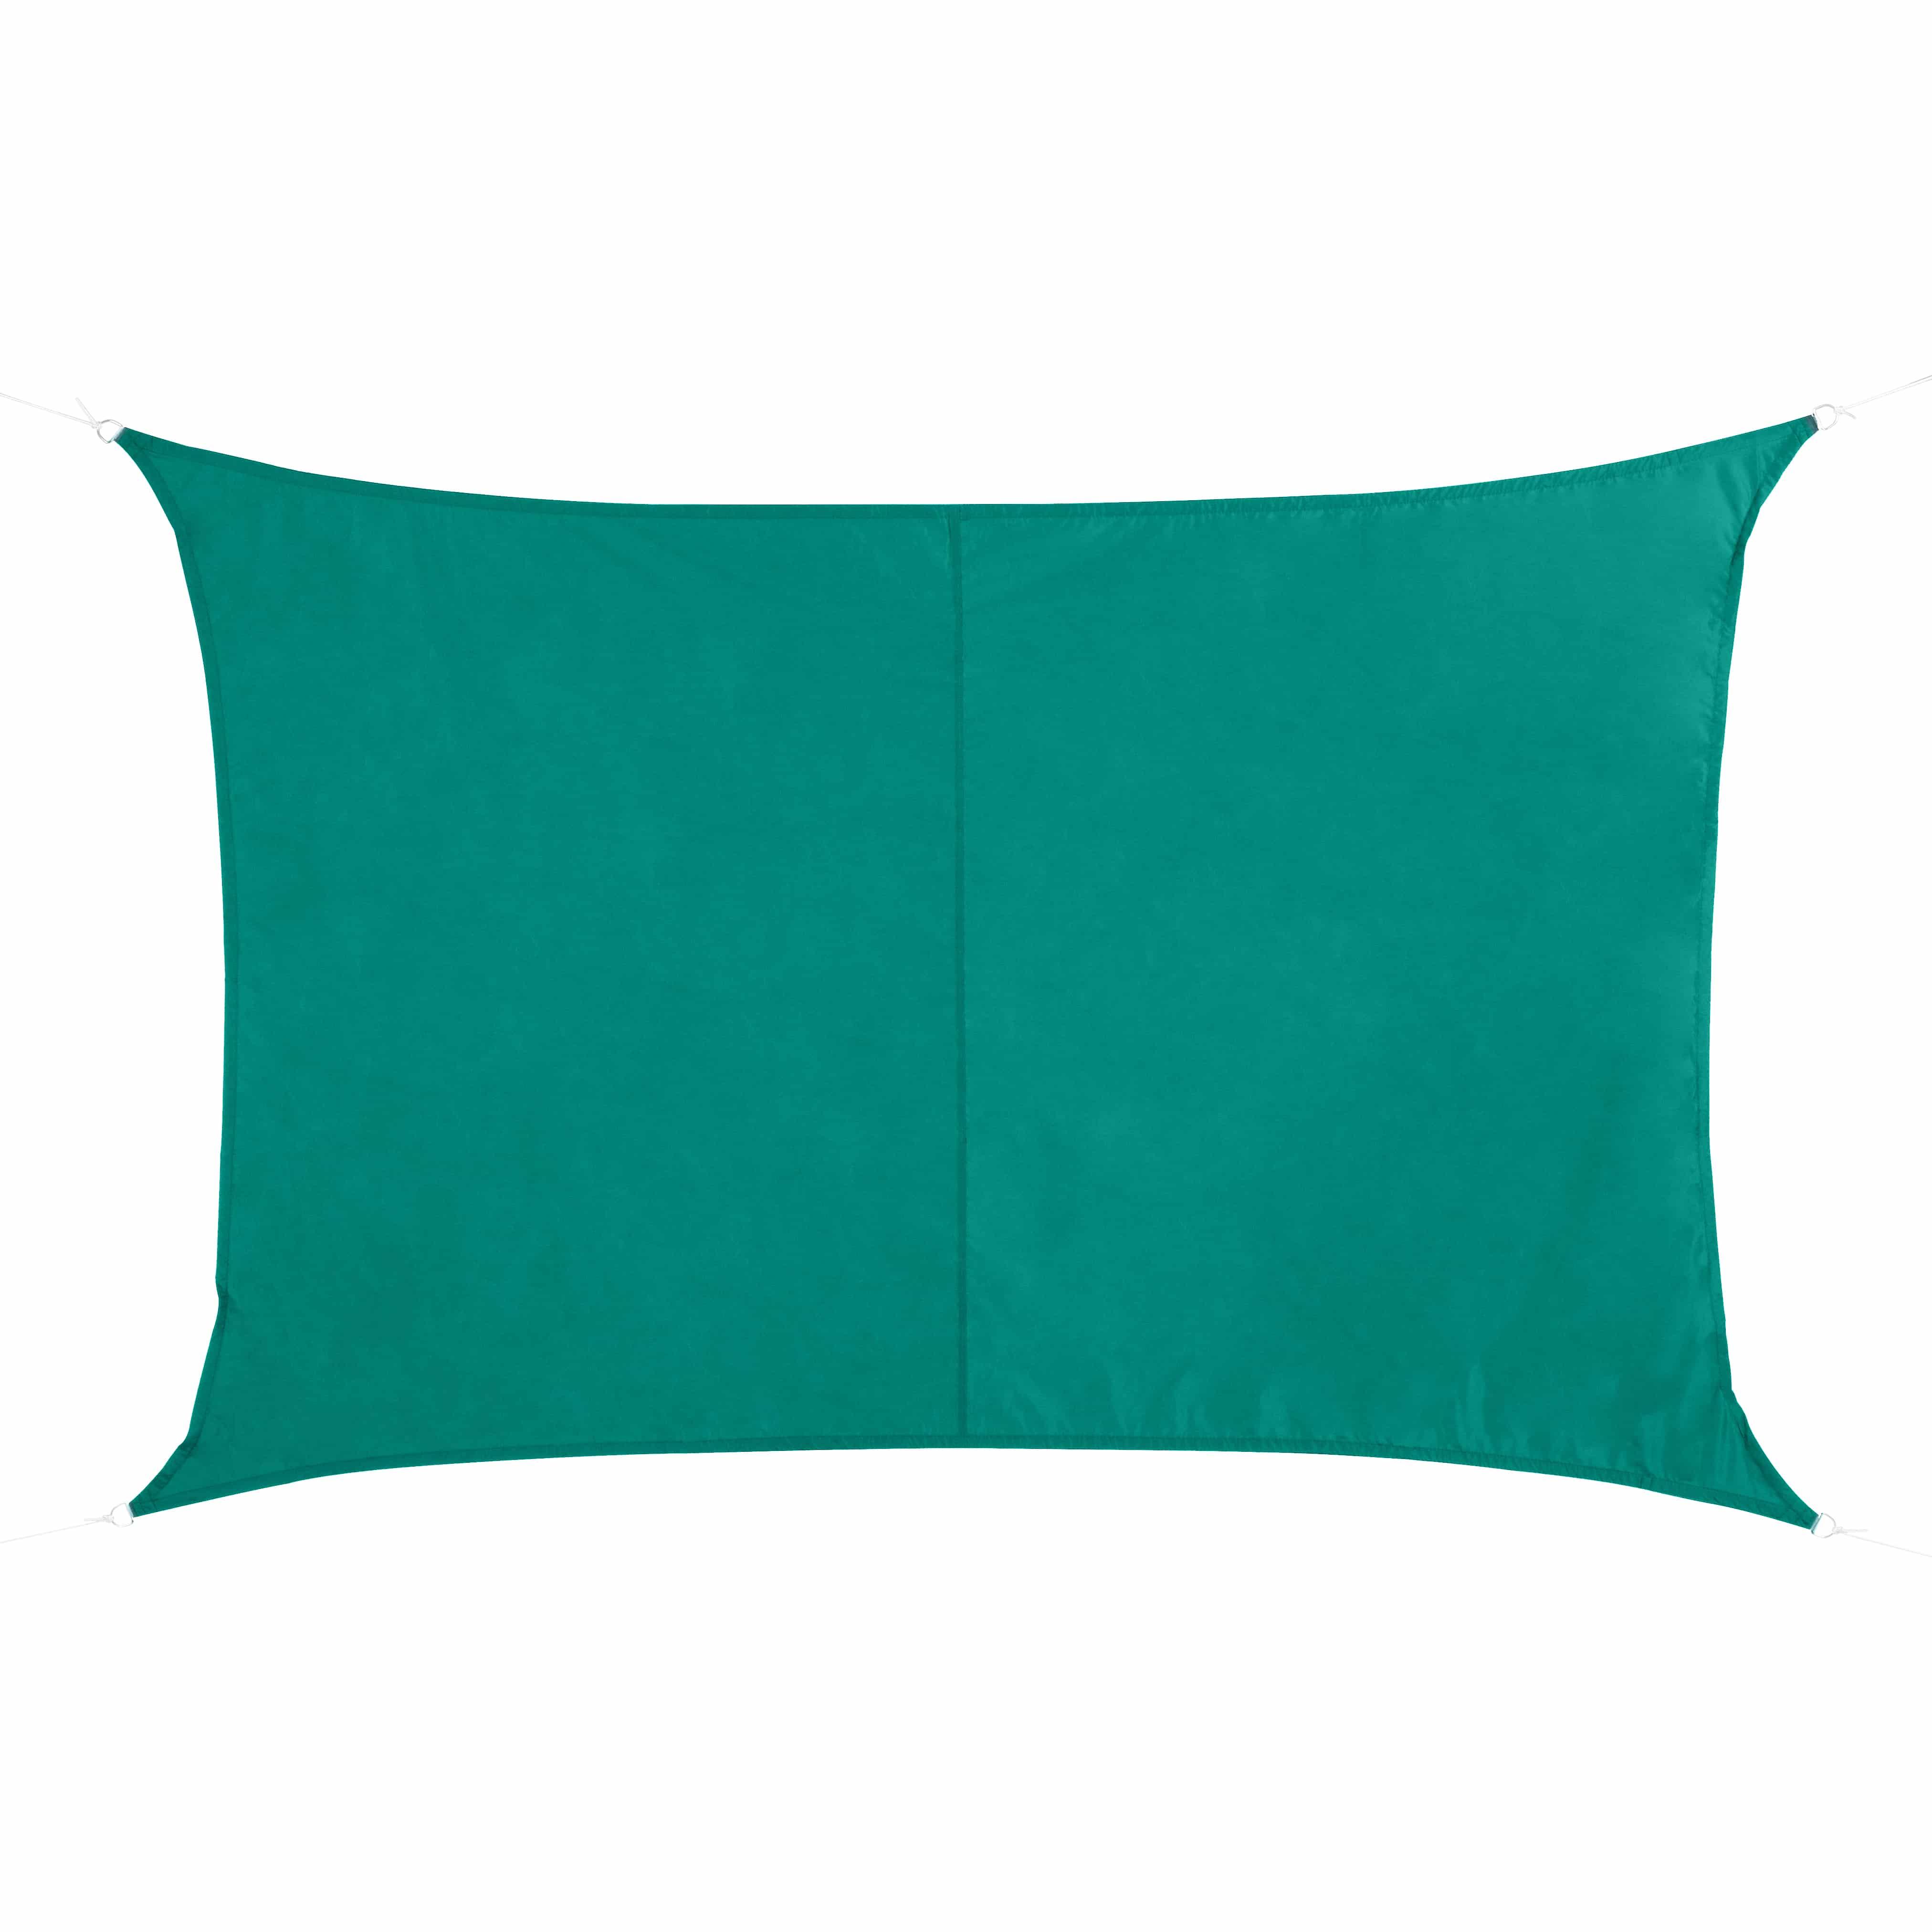 4goodz Schaduwdoek Rechthoek Waterdicht 2x3 m - Emerald Groen